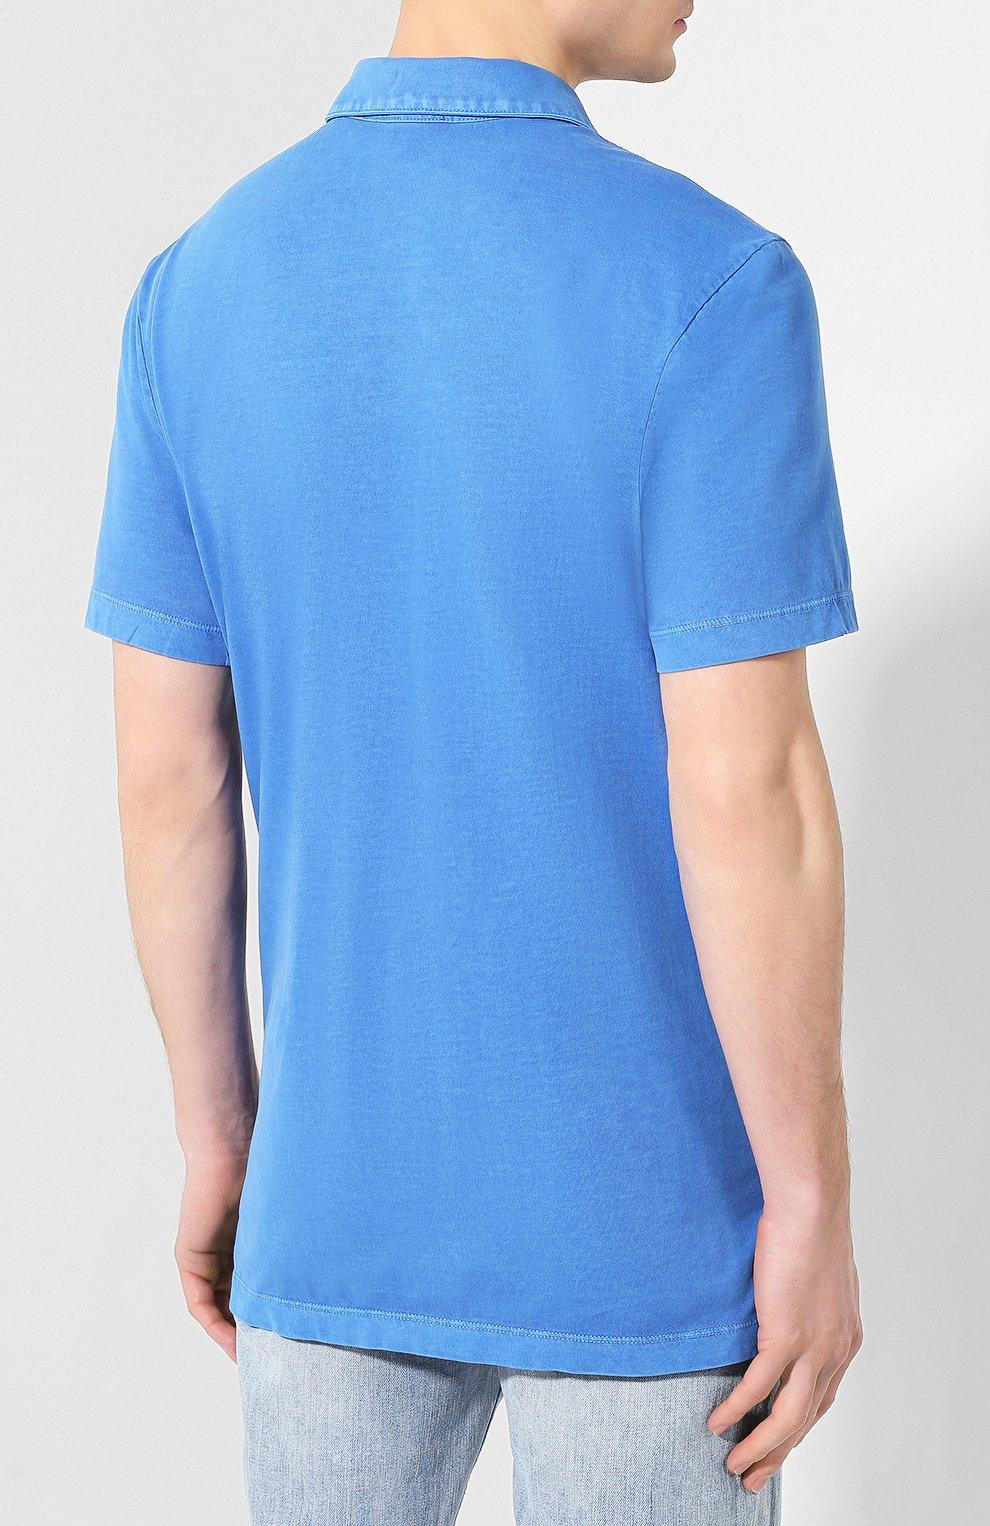 Мужское хлопковое поло JAMES PERSE синего цвета, арт. MSX3337   Фото 4 (Застежка: Пуговицы; Рукава: Короткие; Длина (для топов): Удлиненные; Материал внешний: Хлопок)